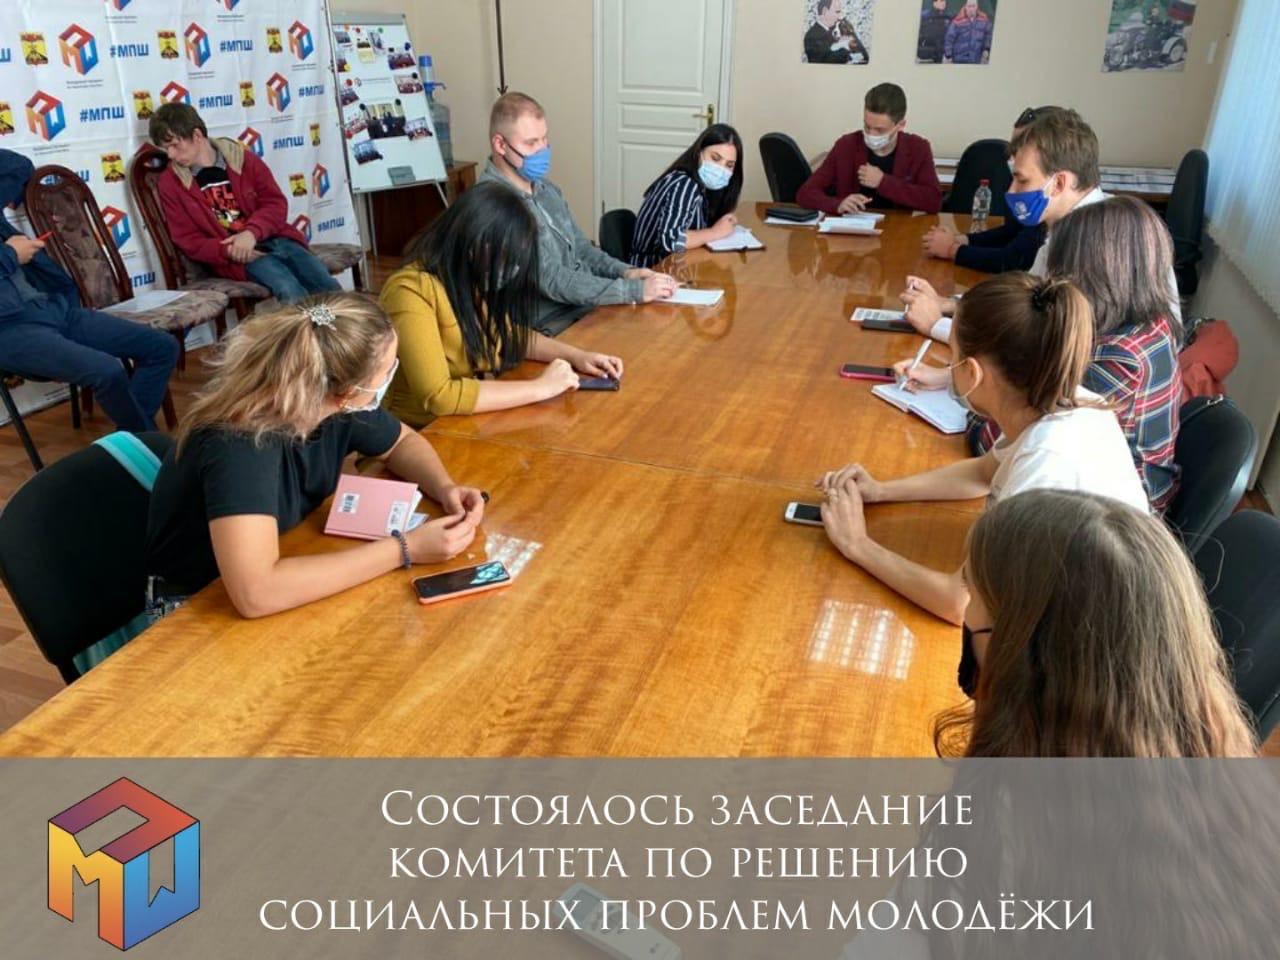 Прошло заседание комитета по решению социальных проблем молодёжи